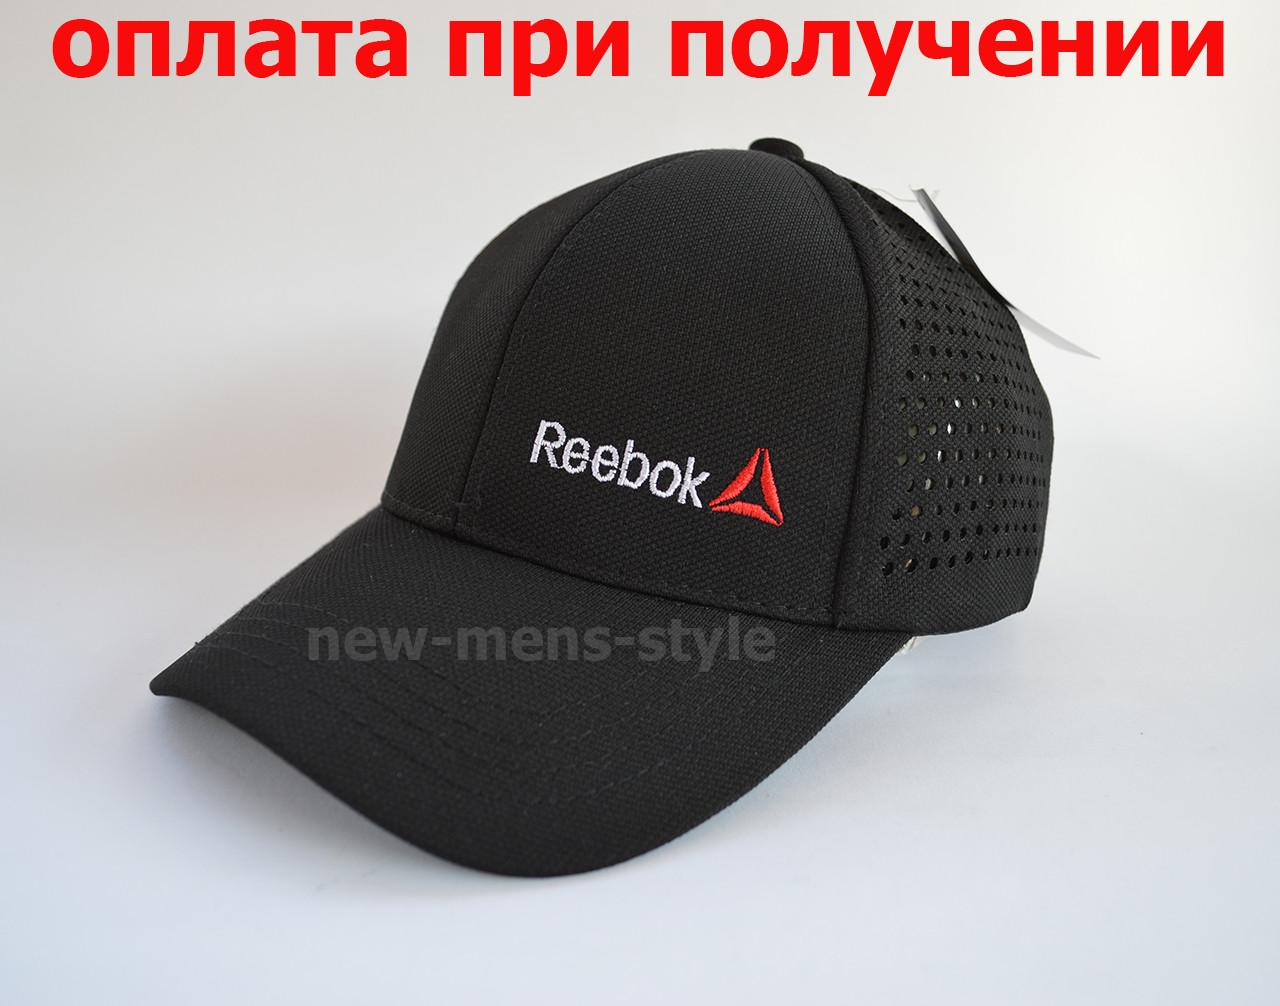 Мужская чоловіча Женская модная кепка бейсболка Reebok купить блайзер